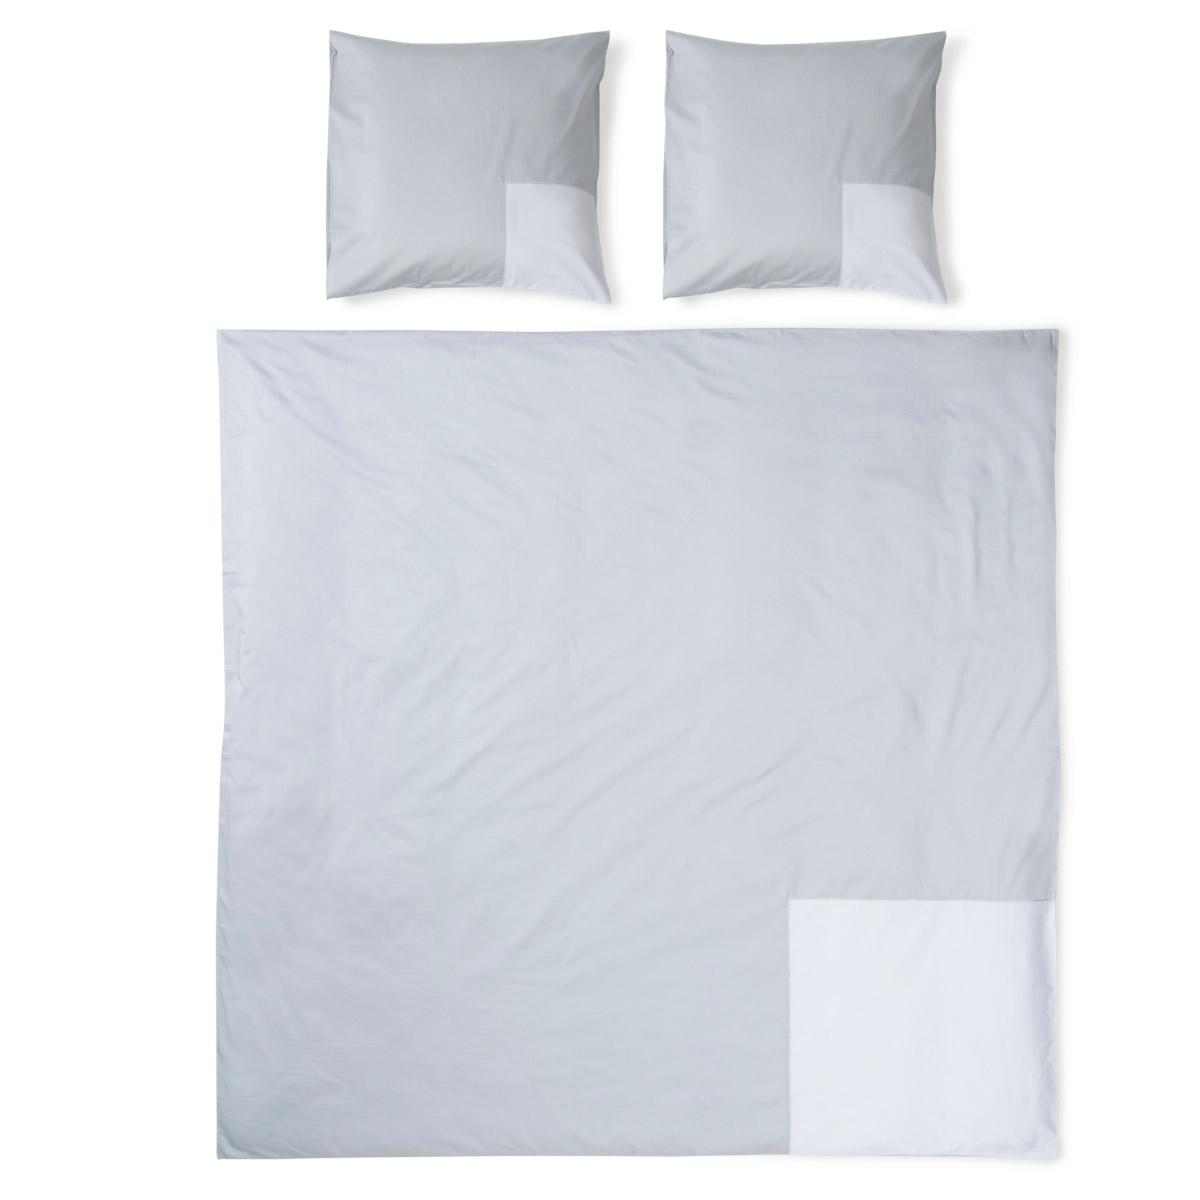 housse de couette mod le carre collection 01 gris clair. Black Bedroom Furniture Sets. Home Design Ideas